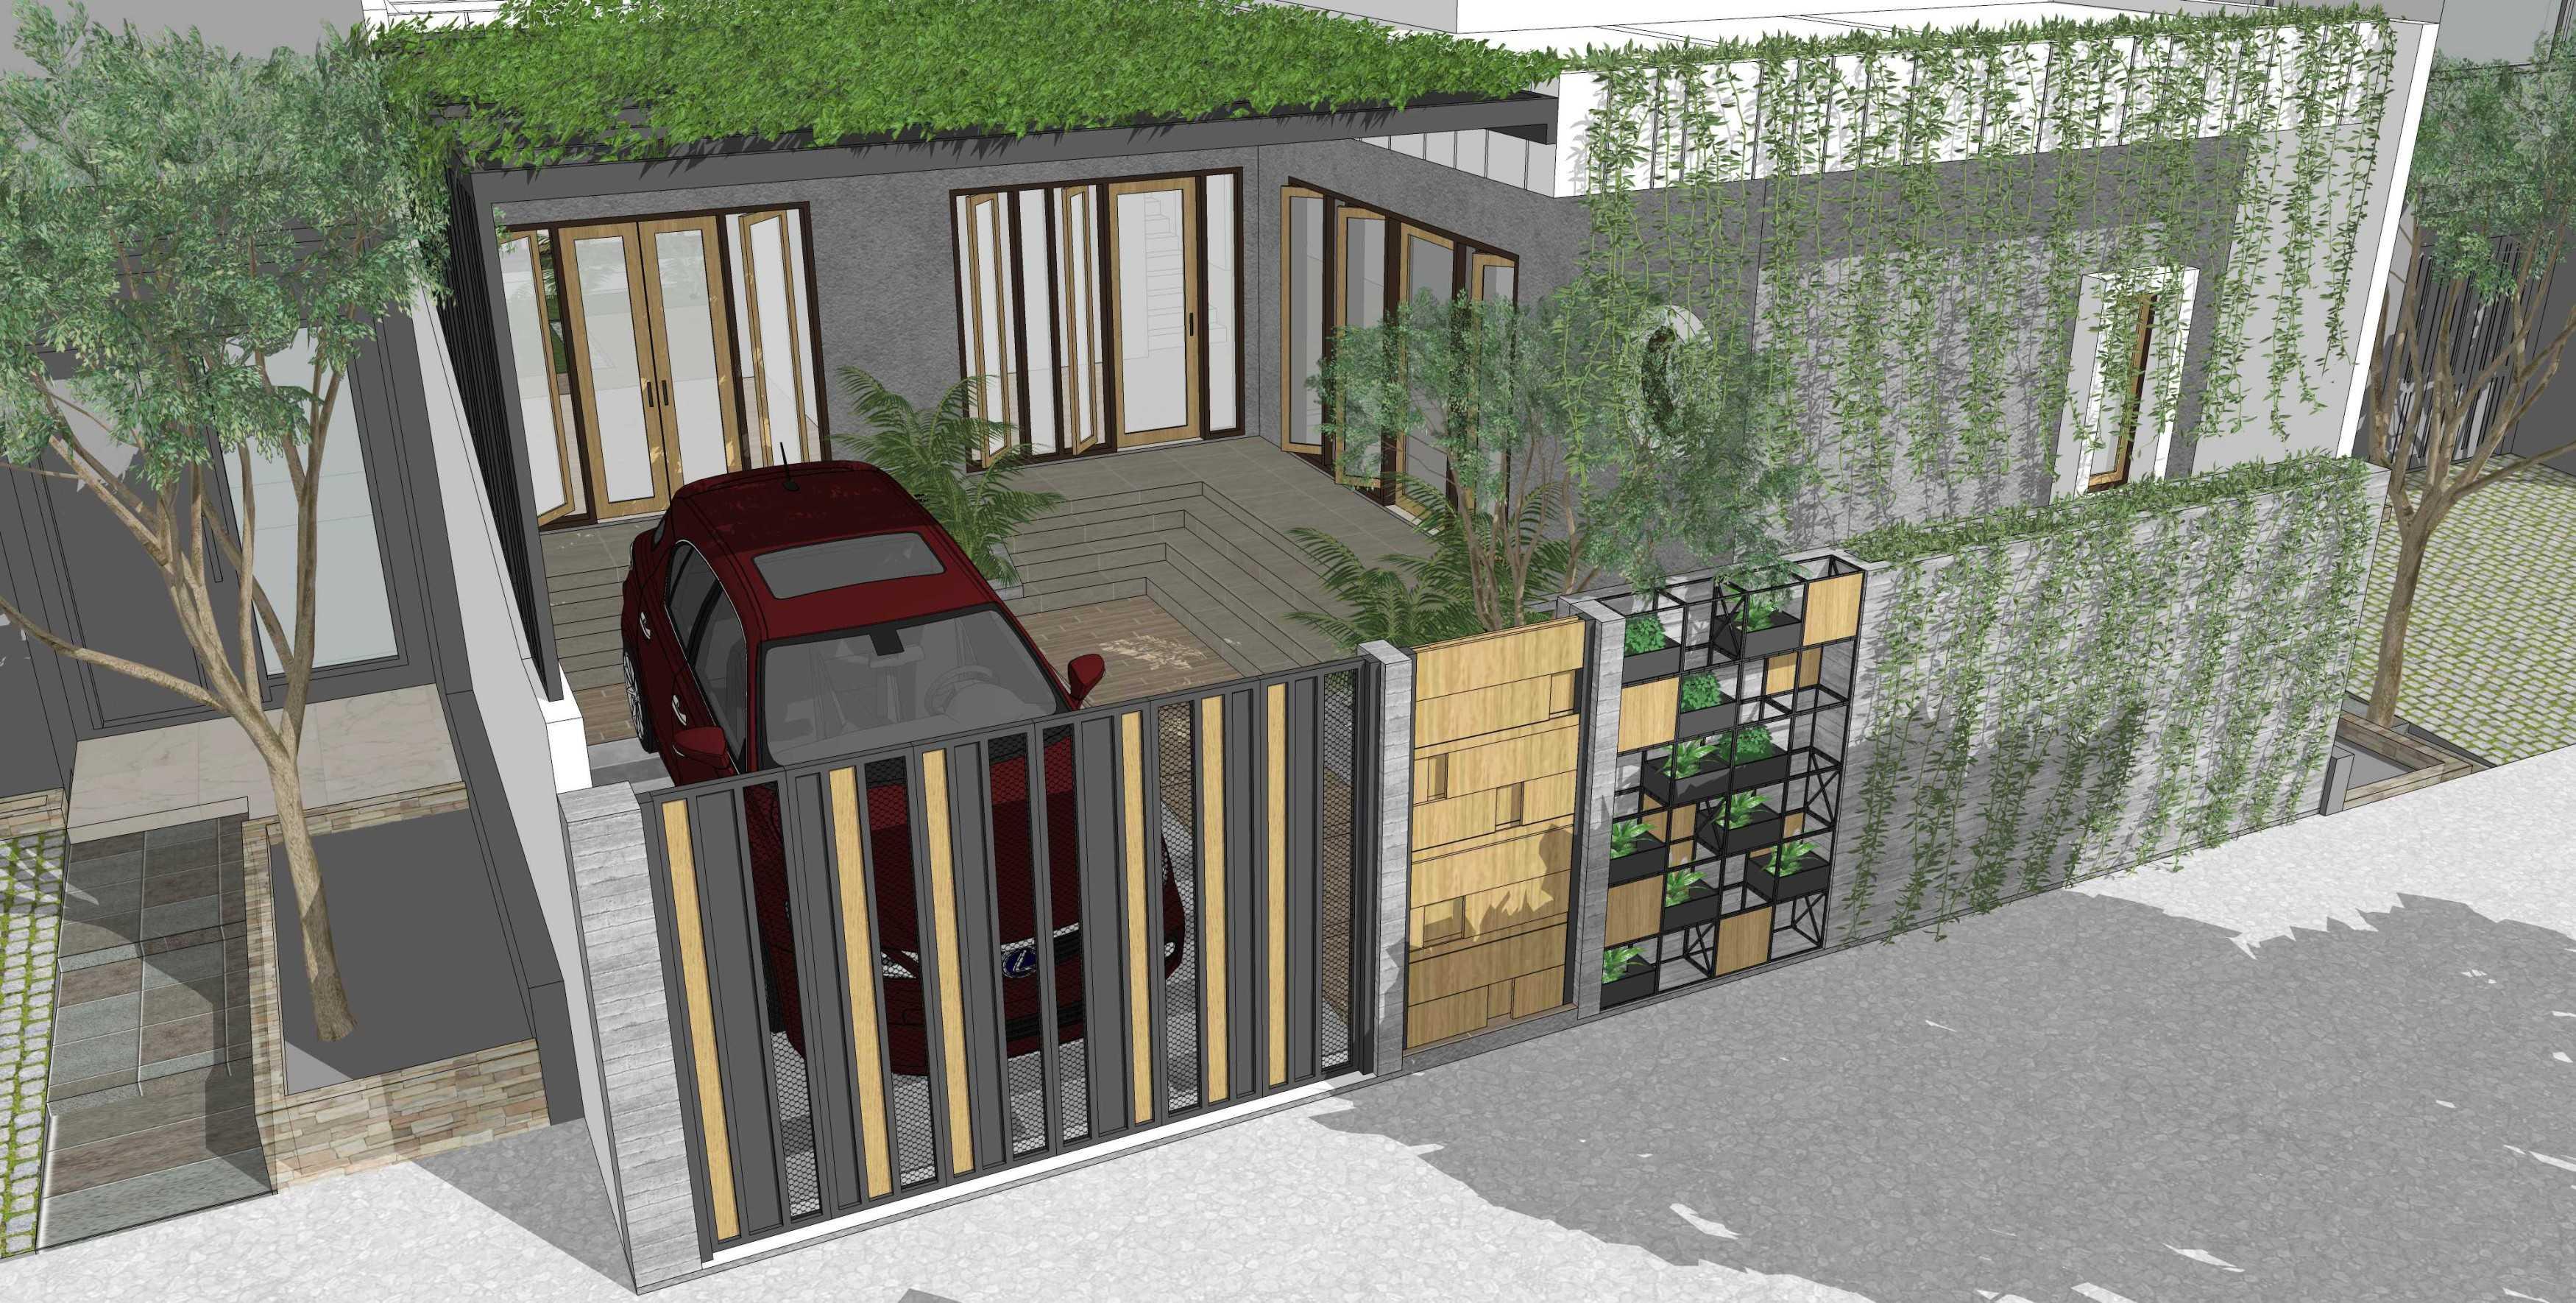 Miv Architects (Muhammad Ikhsan Hamiru, St., Iai & Partners) Oemah Ema Kabupaten Bantaeng, Sulawesi Selatan, Indonesia Kabupaten Bantaeng, Sulawesi Selatan, Indonesia Oemah Ema - Side View Minimalis  42355